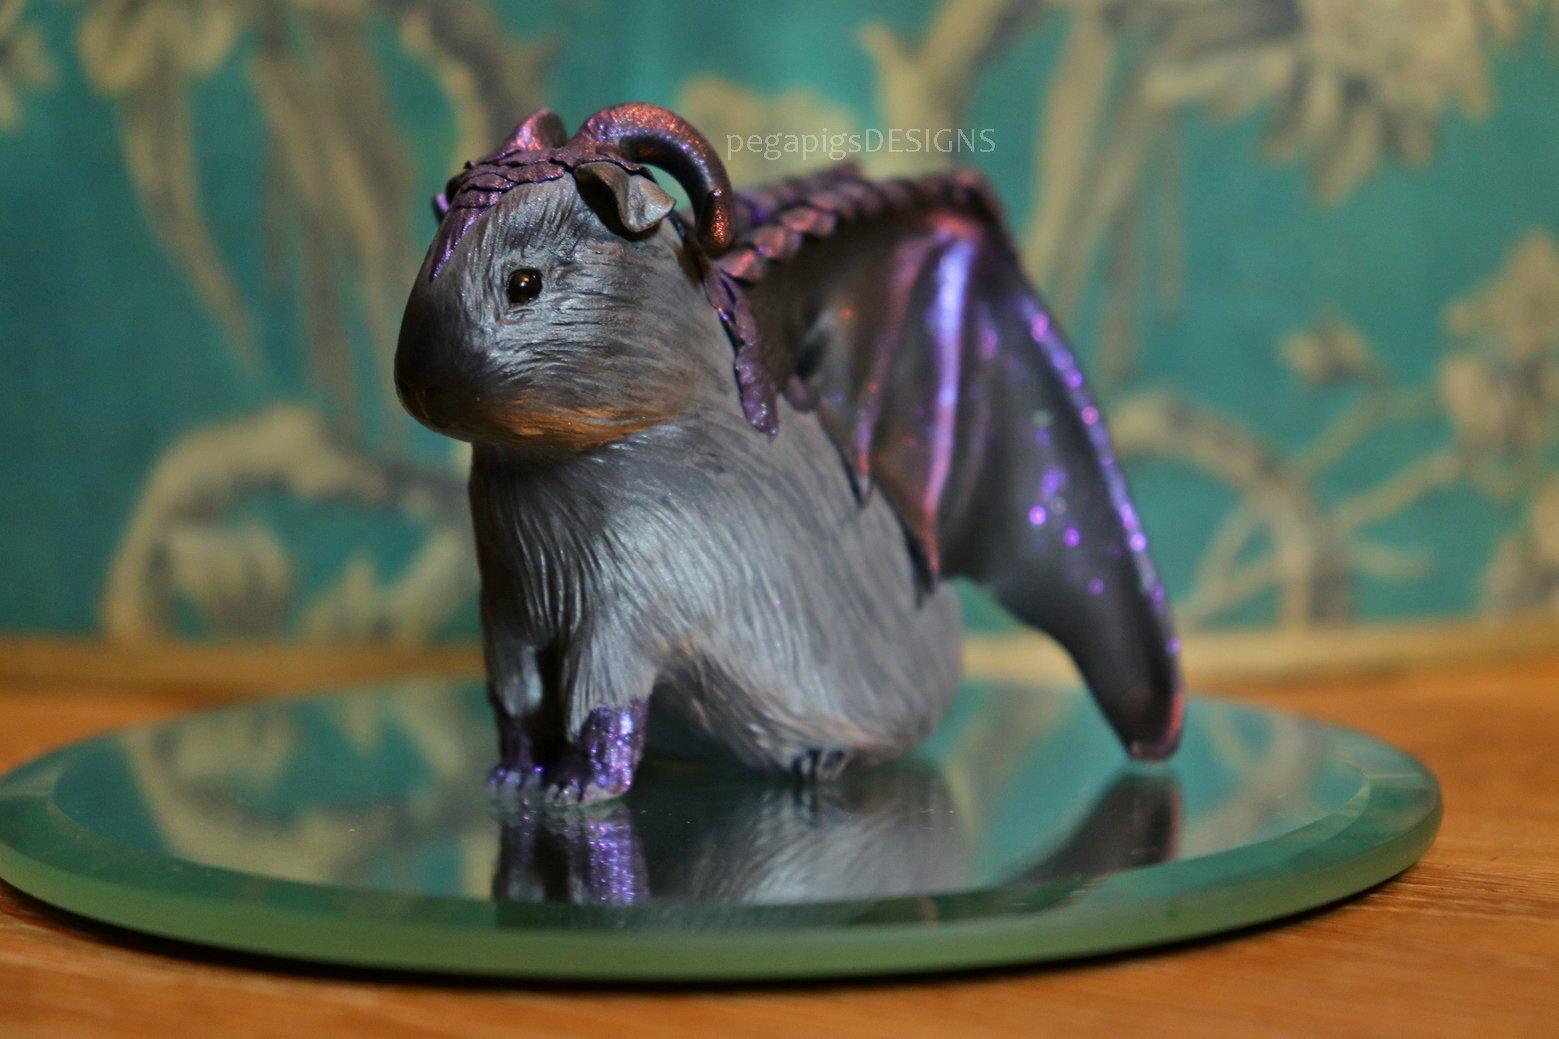 Female Dragapig Figurine Made With Fimo Dragon Guinea Pig